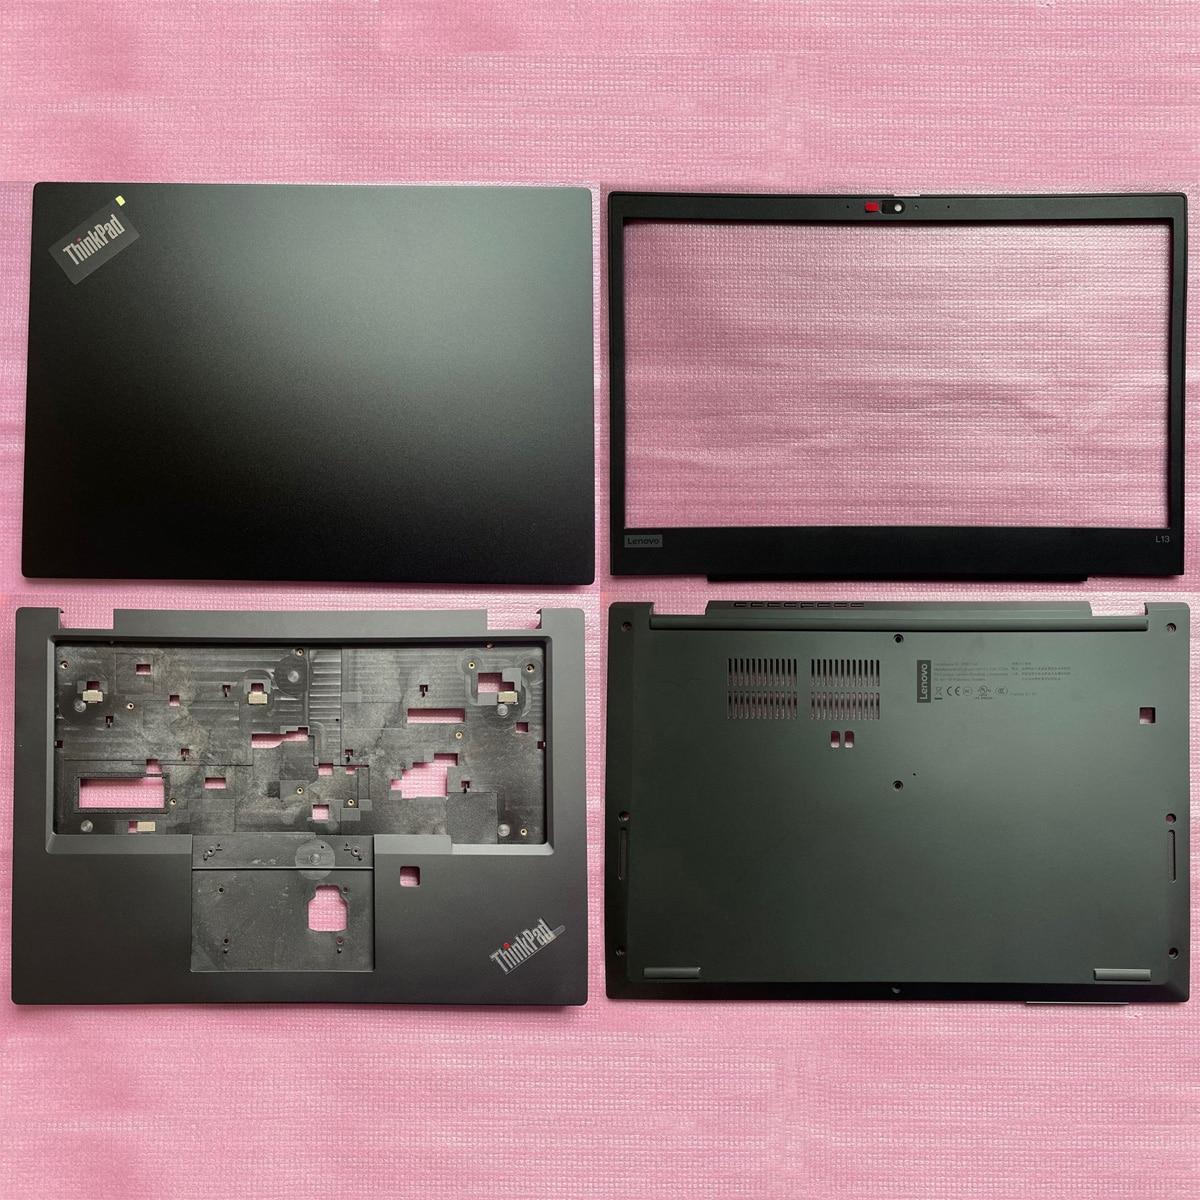 جديد لينوفو ثينك باد L13 Gen 2 S2 2020 LCD الغطاء الخلفي الغطاء الخلفي الجبهة الحافة/Palmrest غطاء/أسفل قاعدة الغلاف